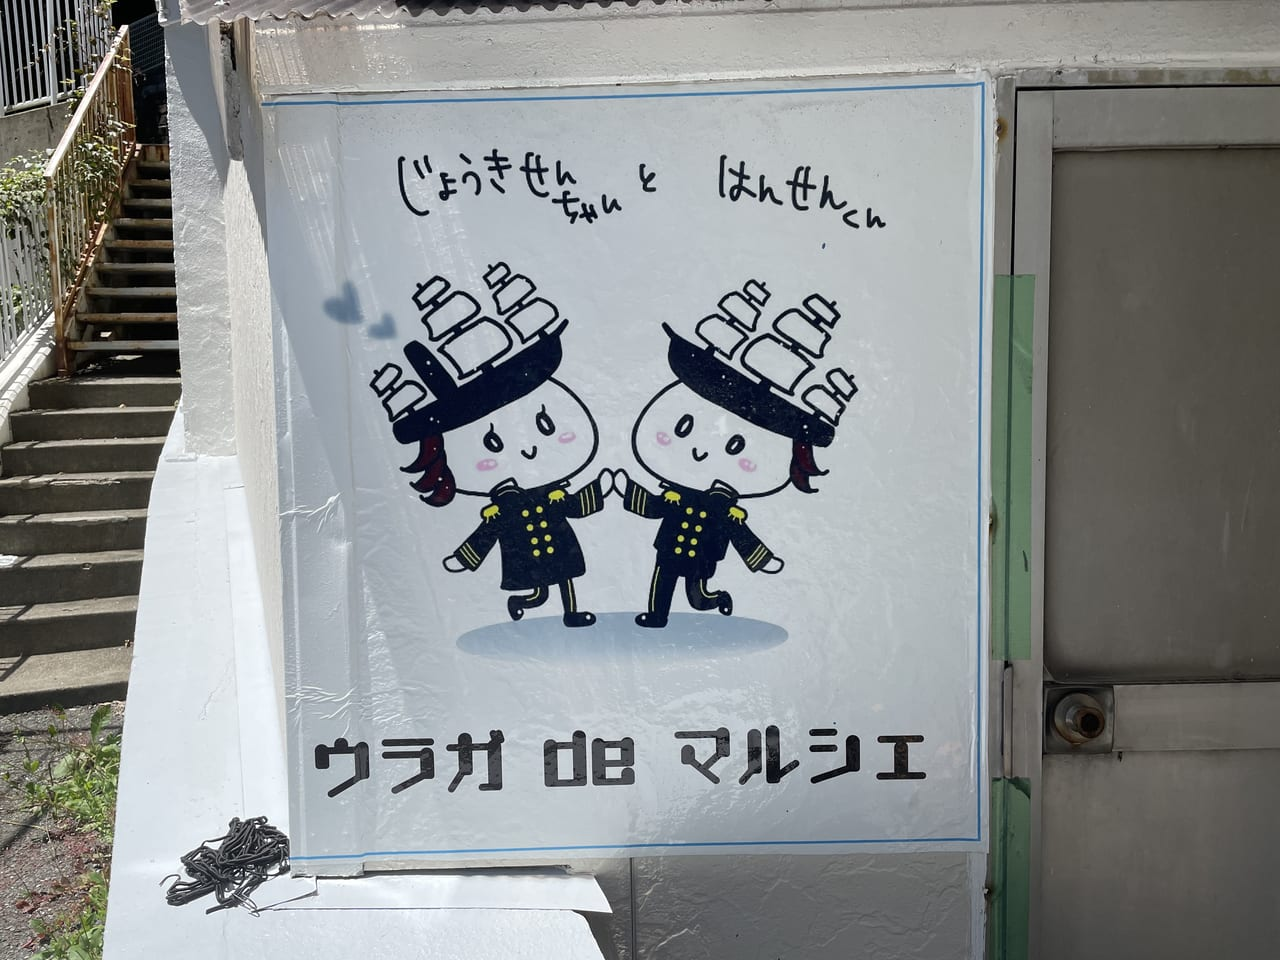 【横須賀市】歯ッとする漫画も見られる!「ウラガdeマルシェ」に行ってみました!